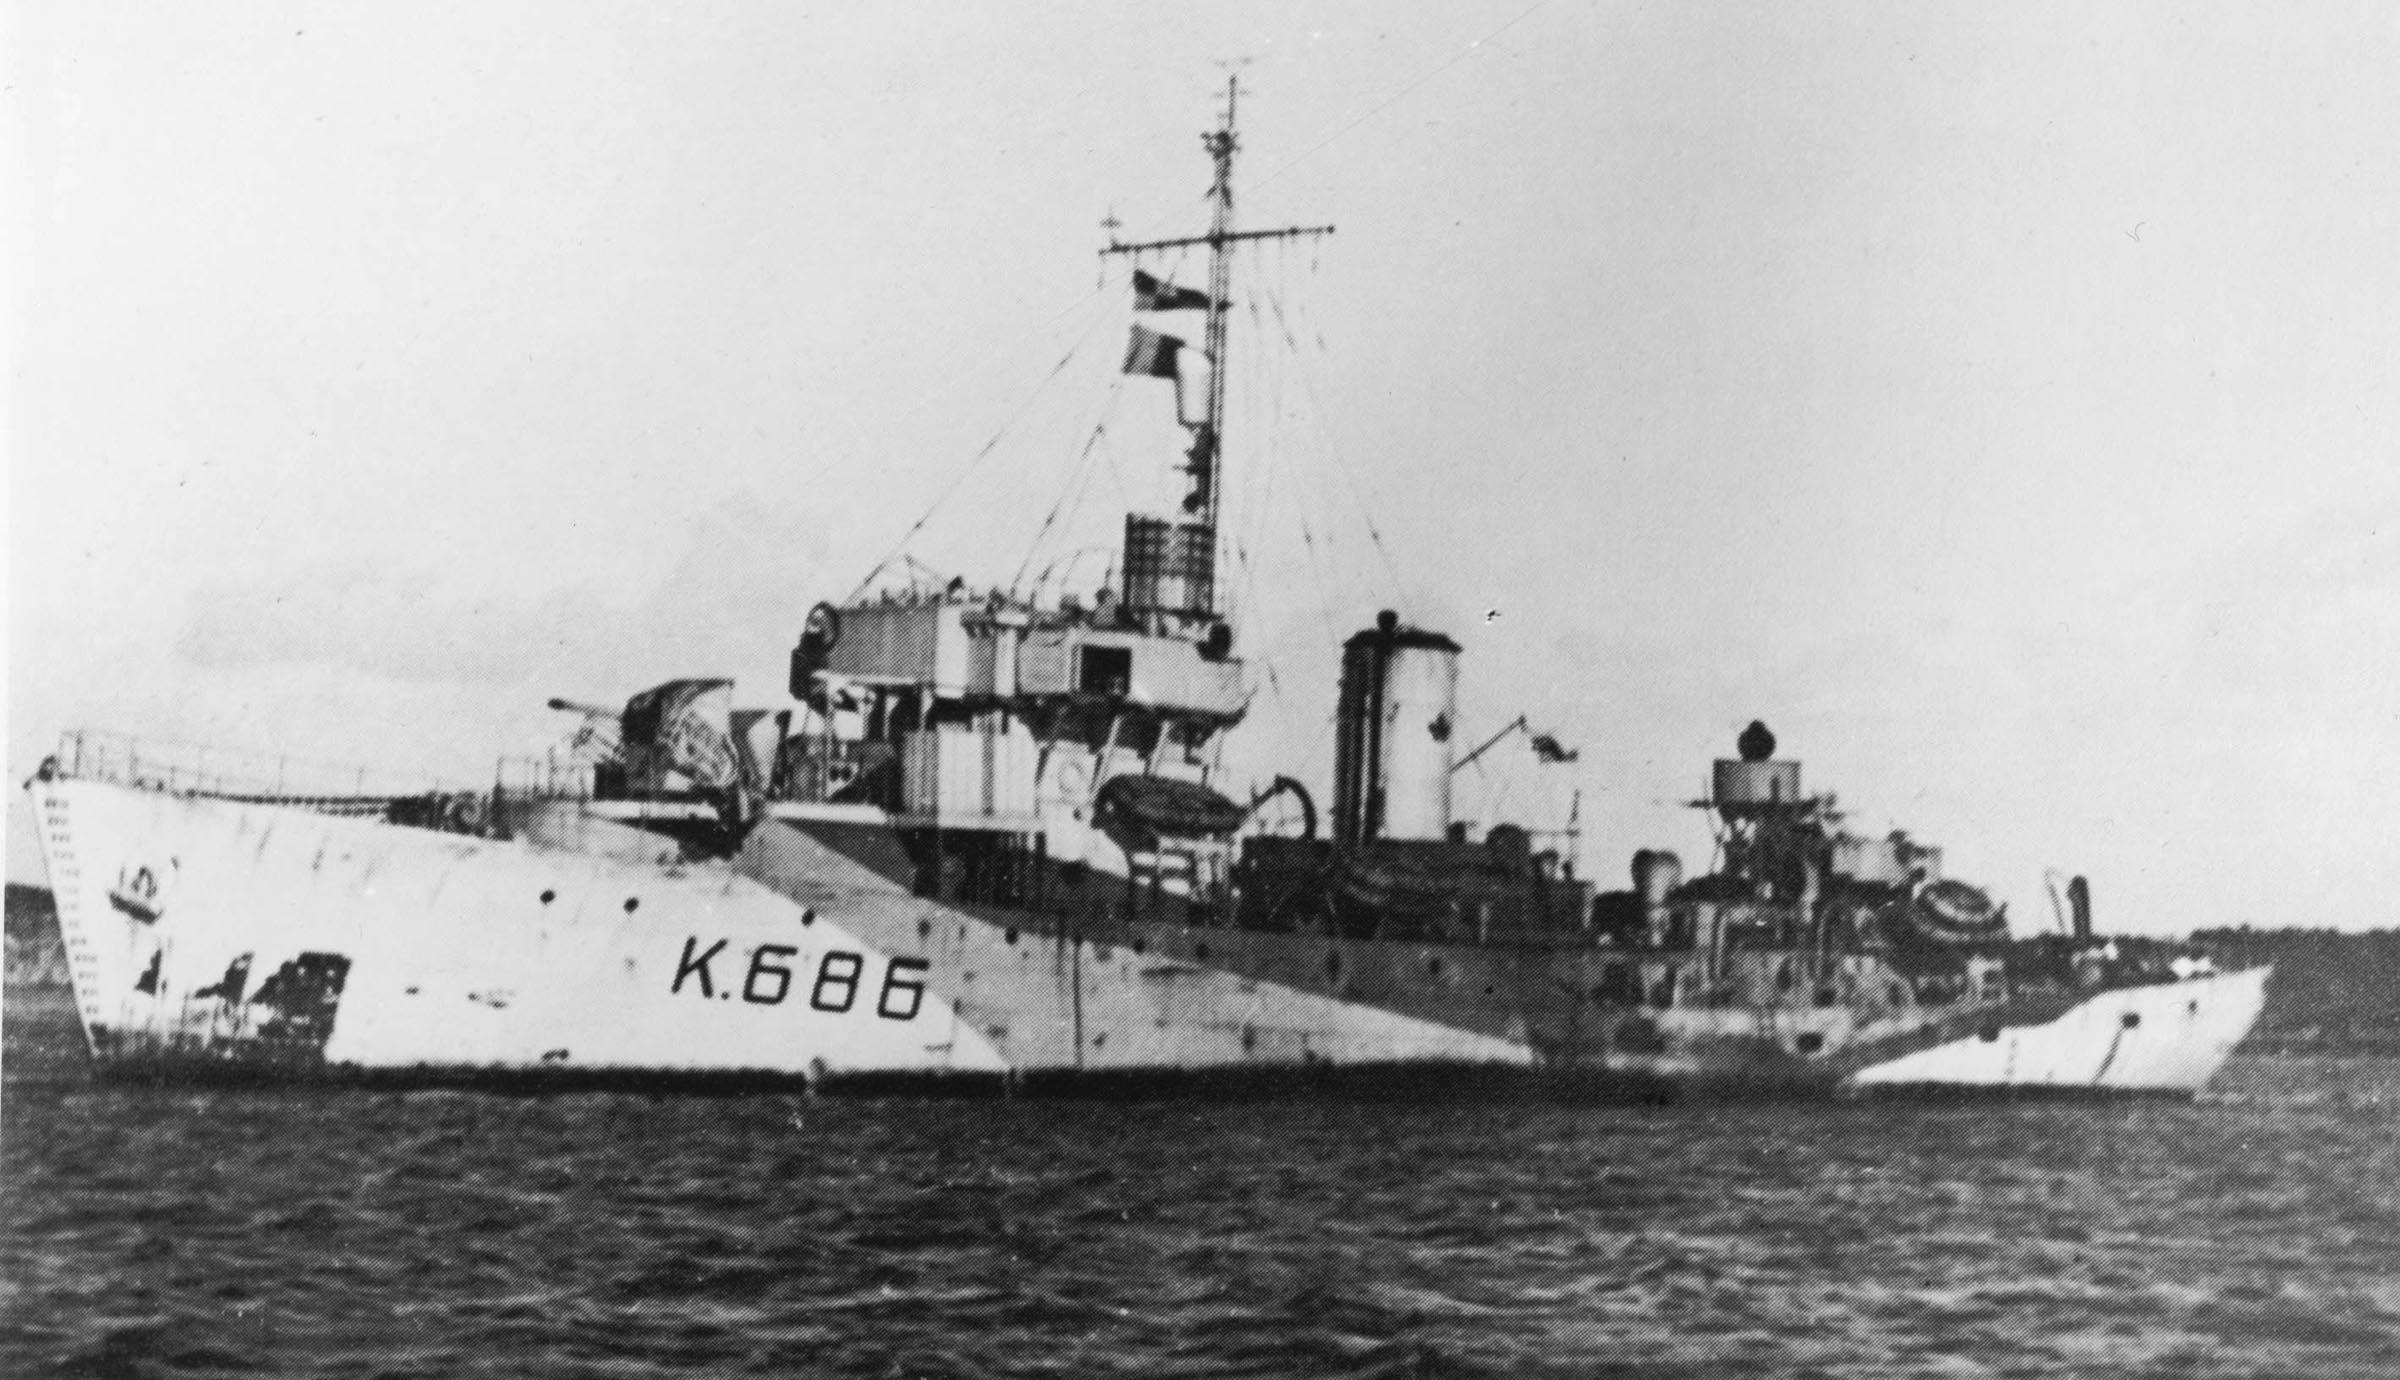 HMCS FERGUS